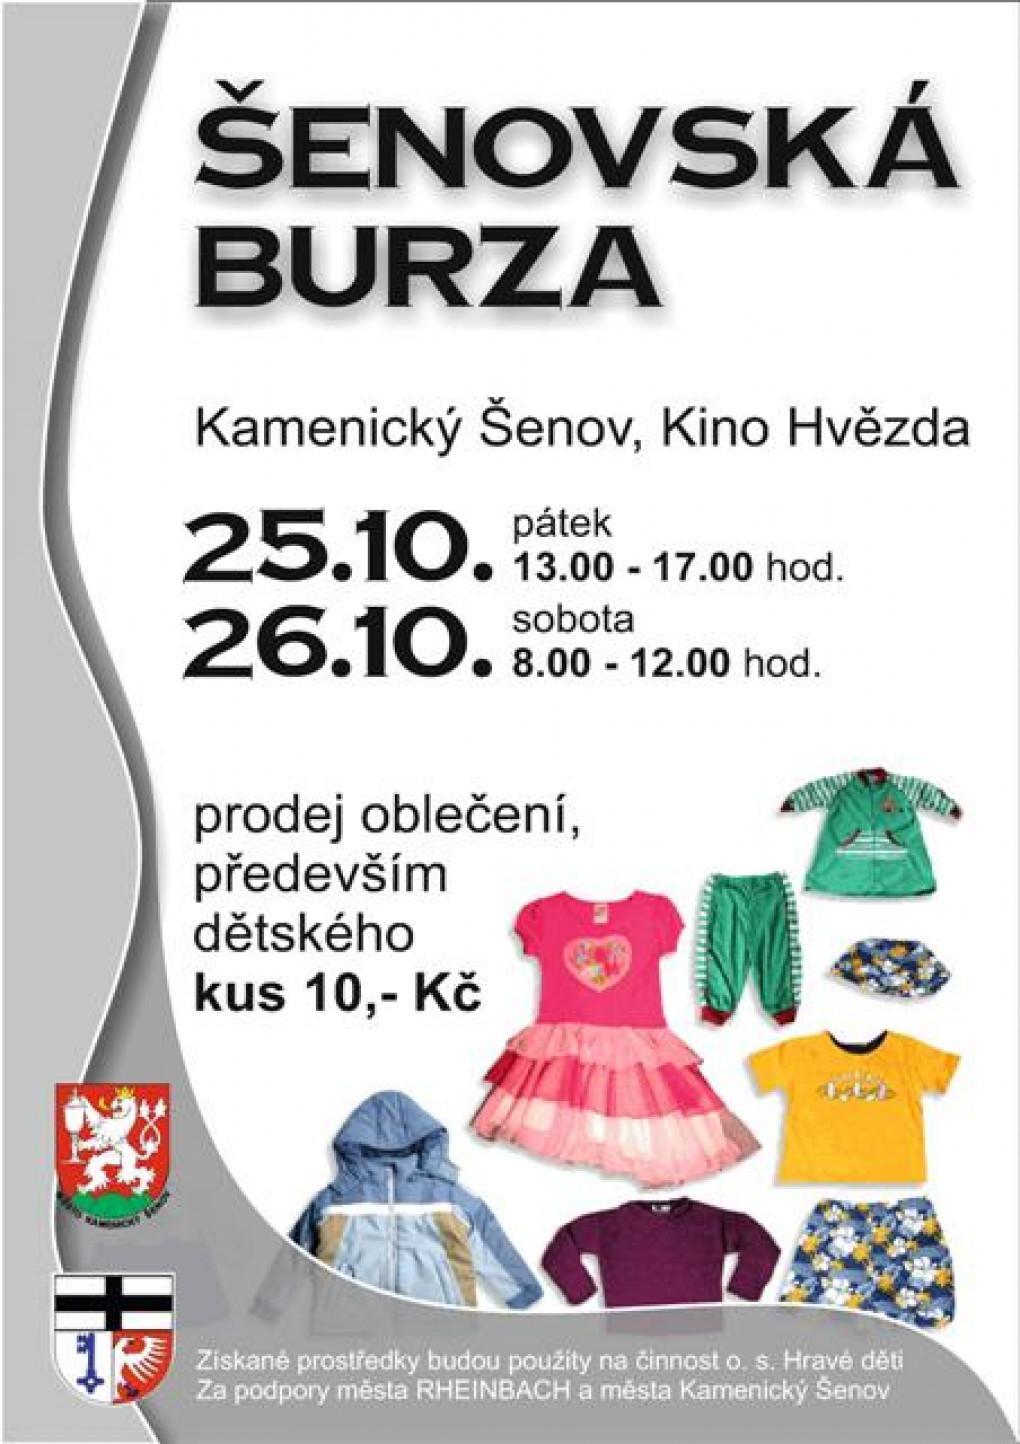 Kultura/sport - Oficiln strnky Msta Kamenick enov